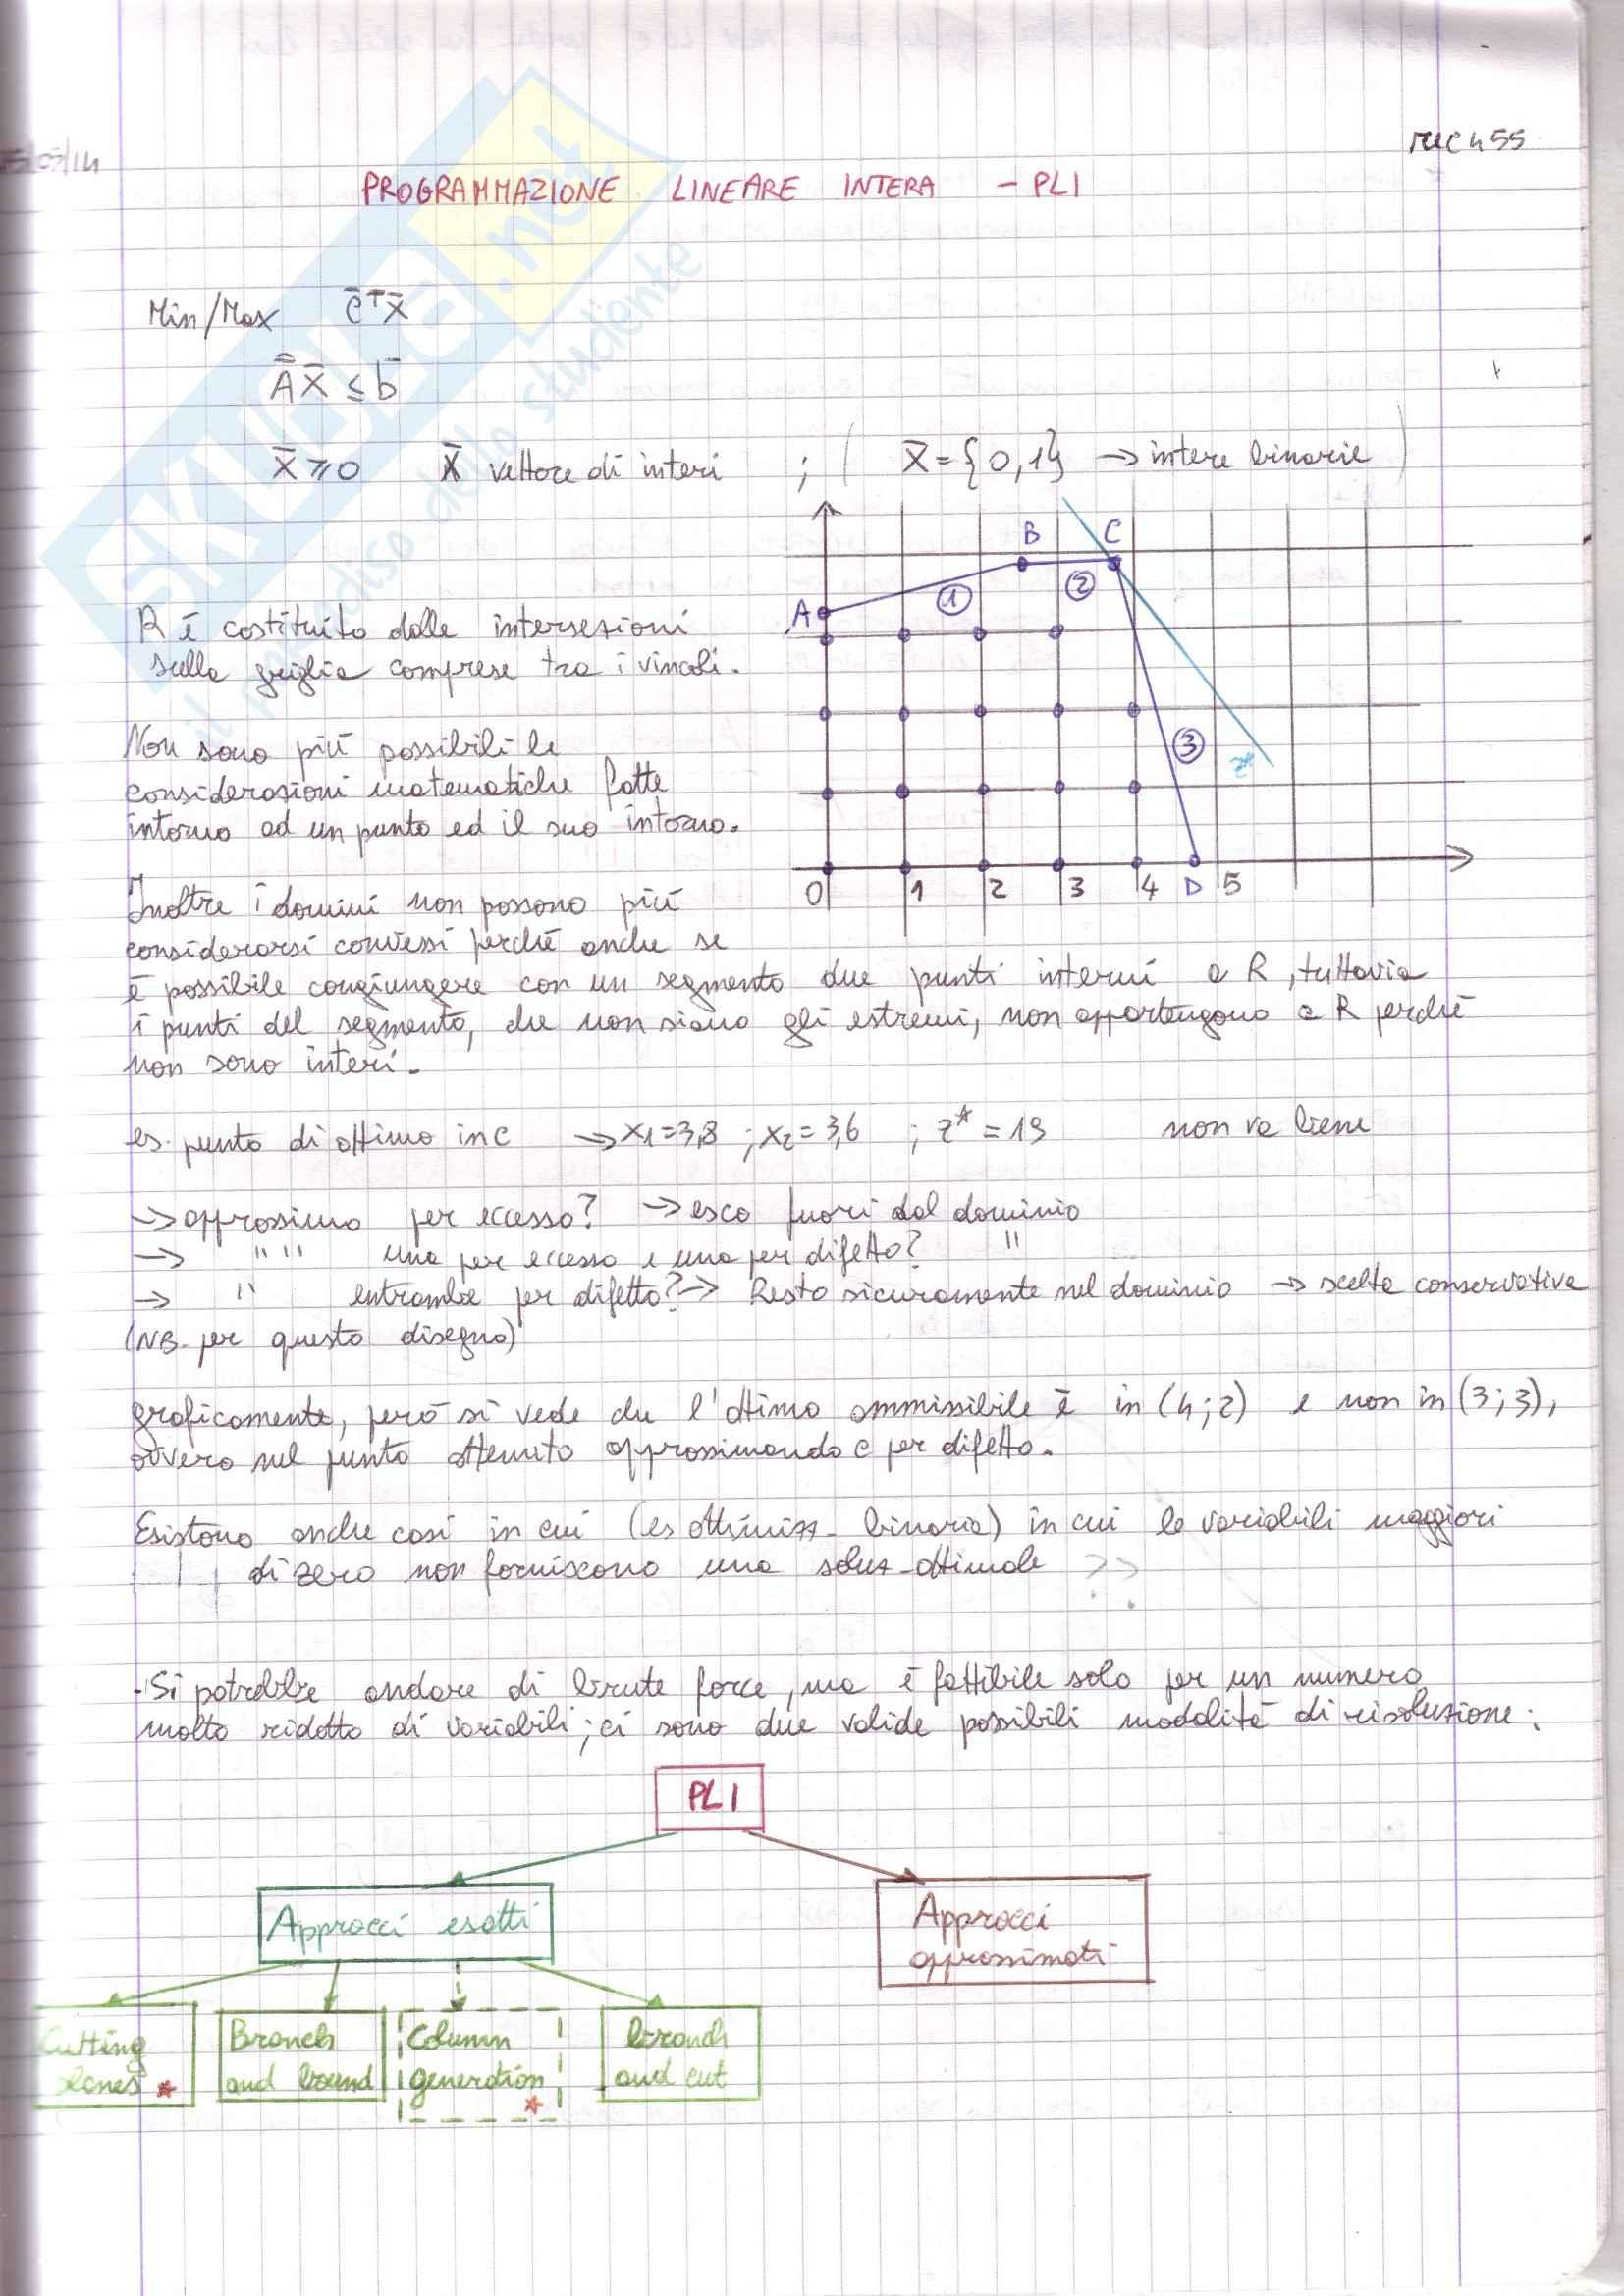 Programmazione lineare intera, progr. su rete, problemi di flusso